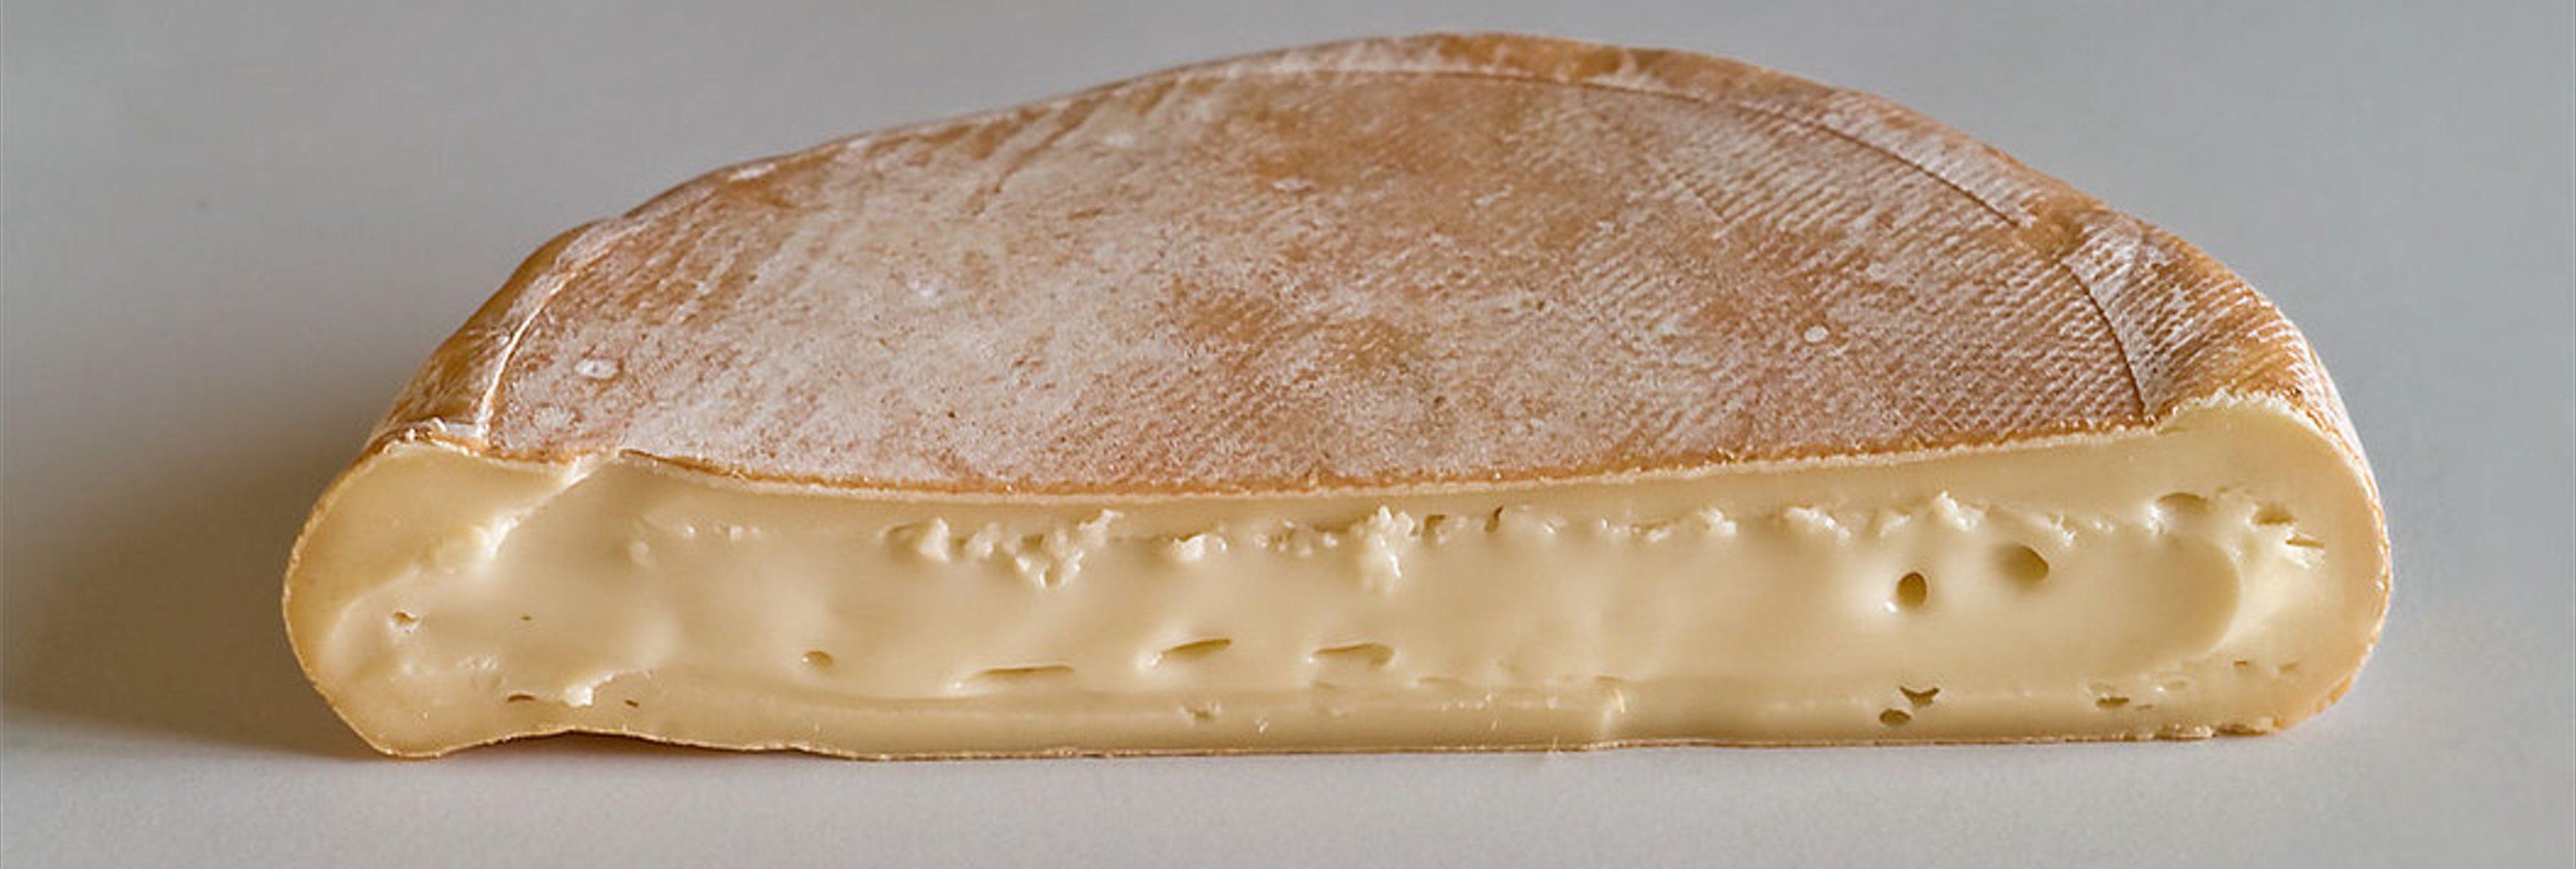 Sanidad retira el queso Reblochon de los supermercados por causar varias intoxicaciones